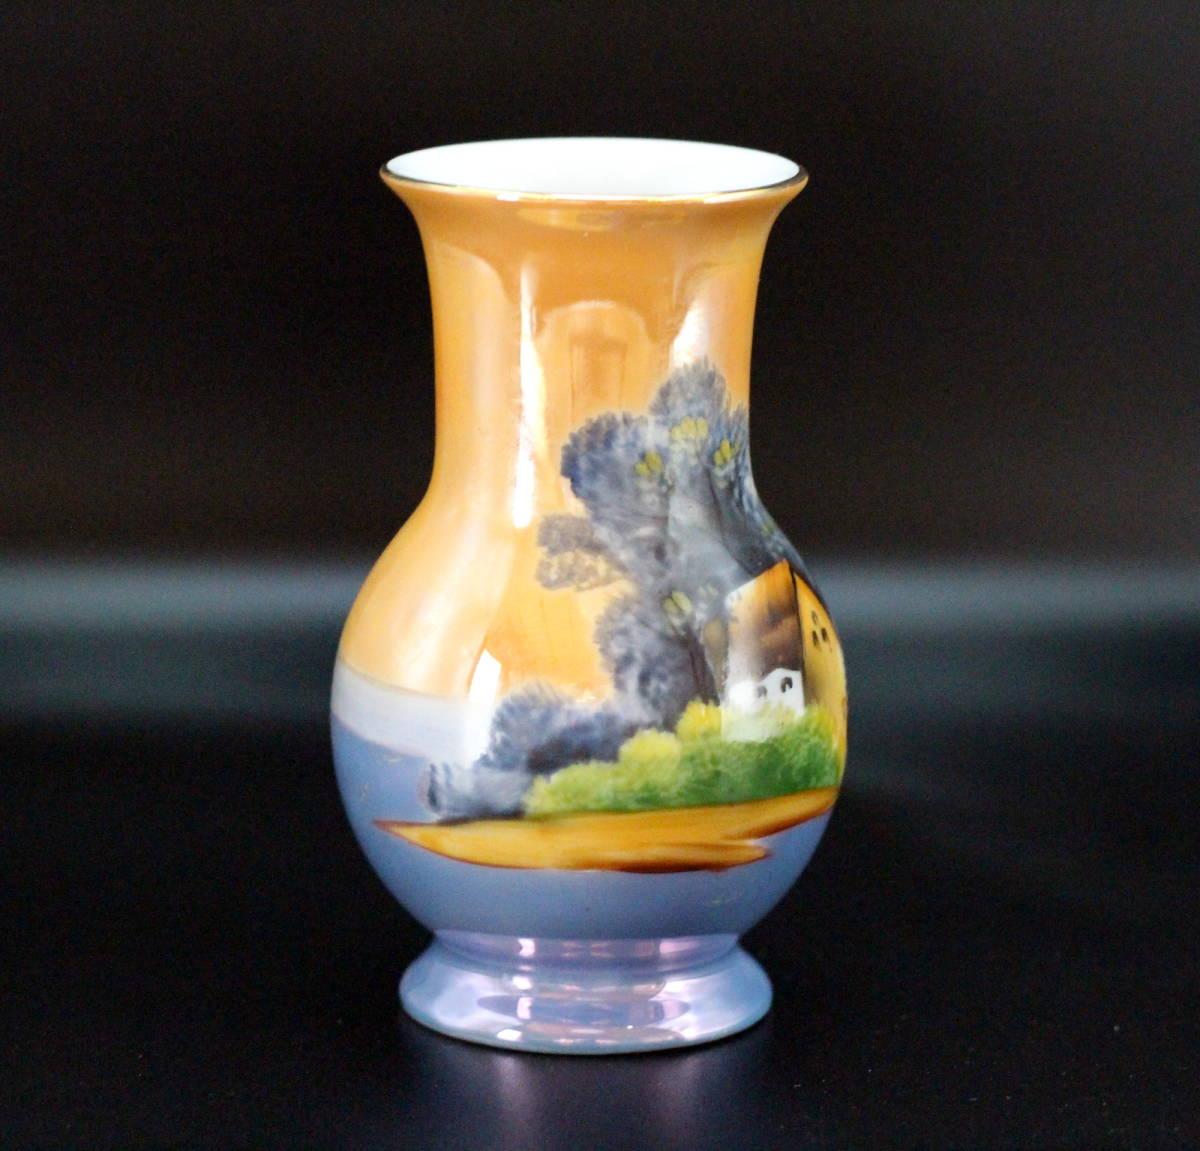 オールドノリタケ 青オレンジ ラスター彩 風景画デザイン 花瓶 ベース【2本セット】_画像3